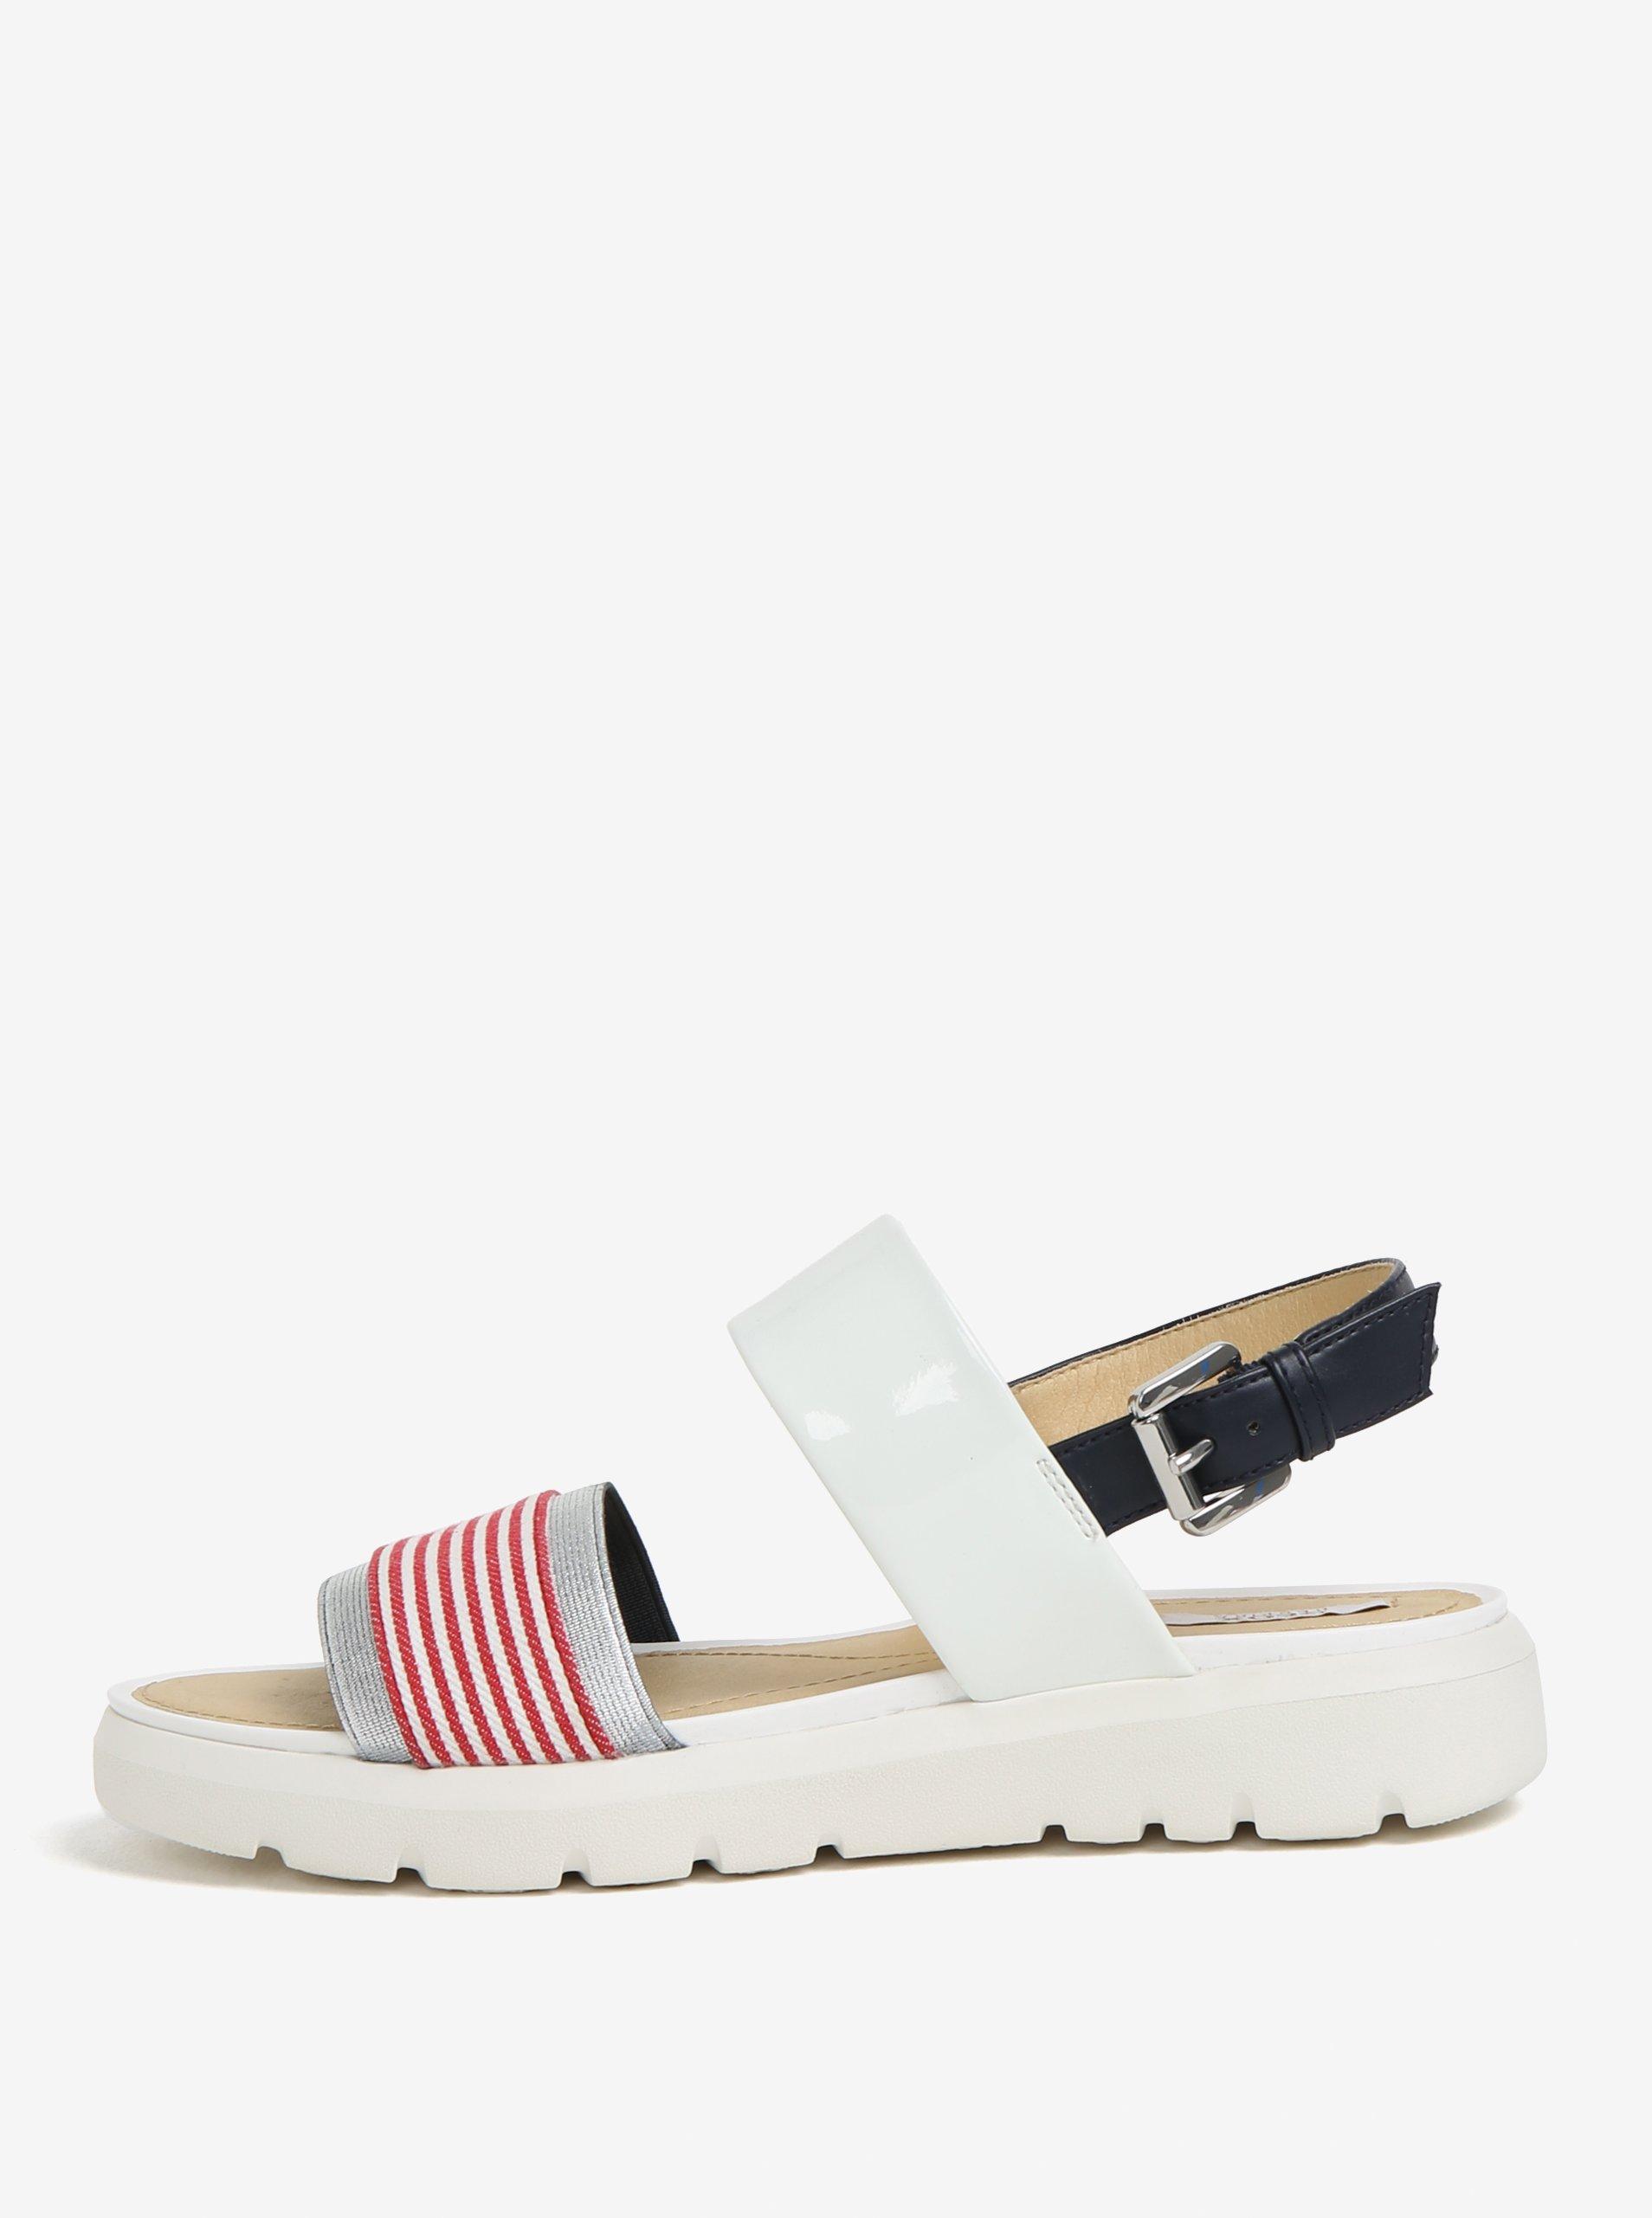 1a4c171976a4 Krémovo-červené pruhované sandále na platforme Geox Amalitha